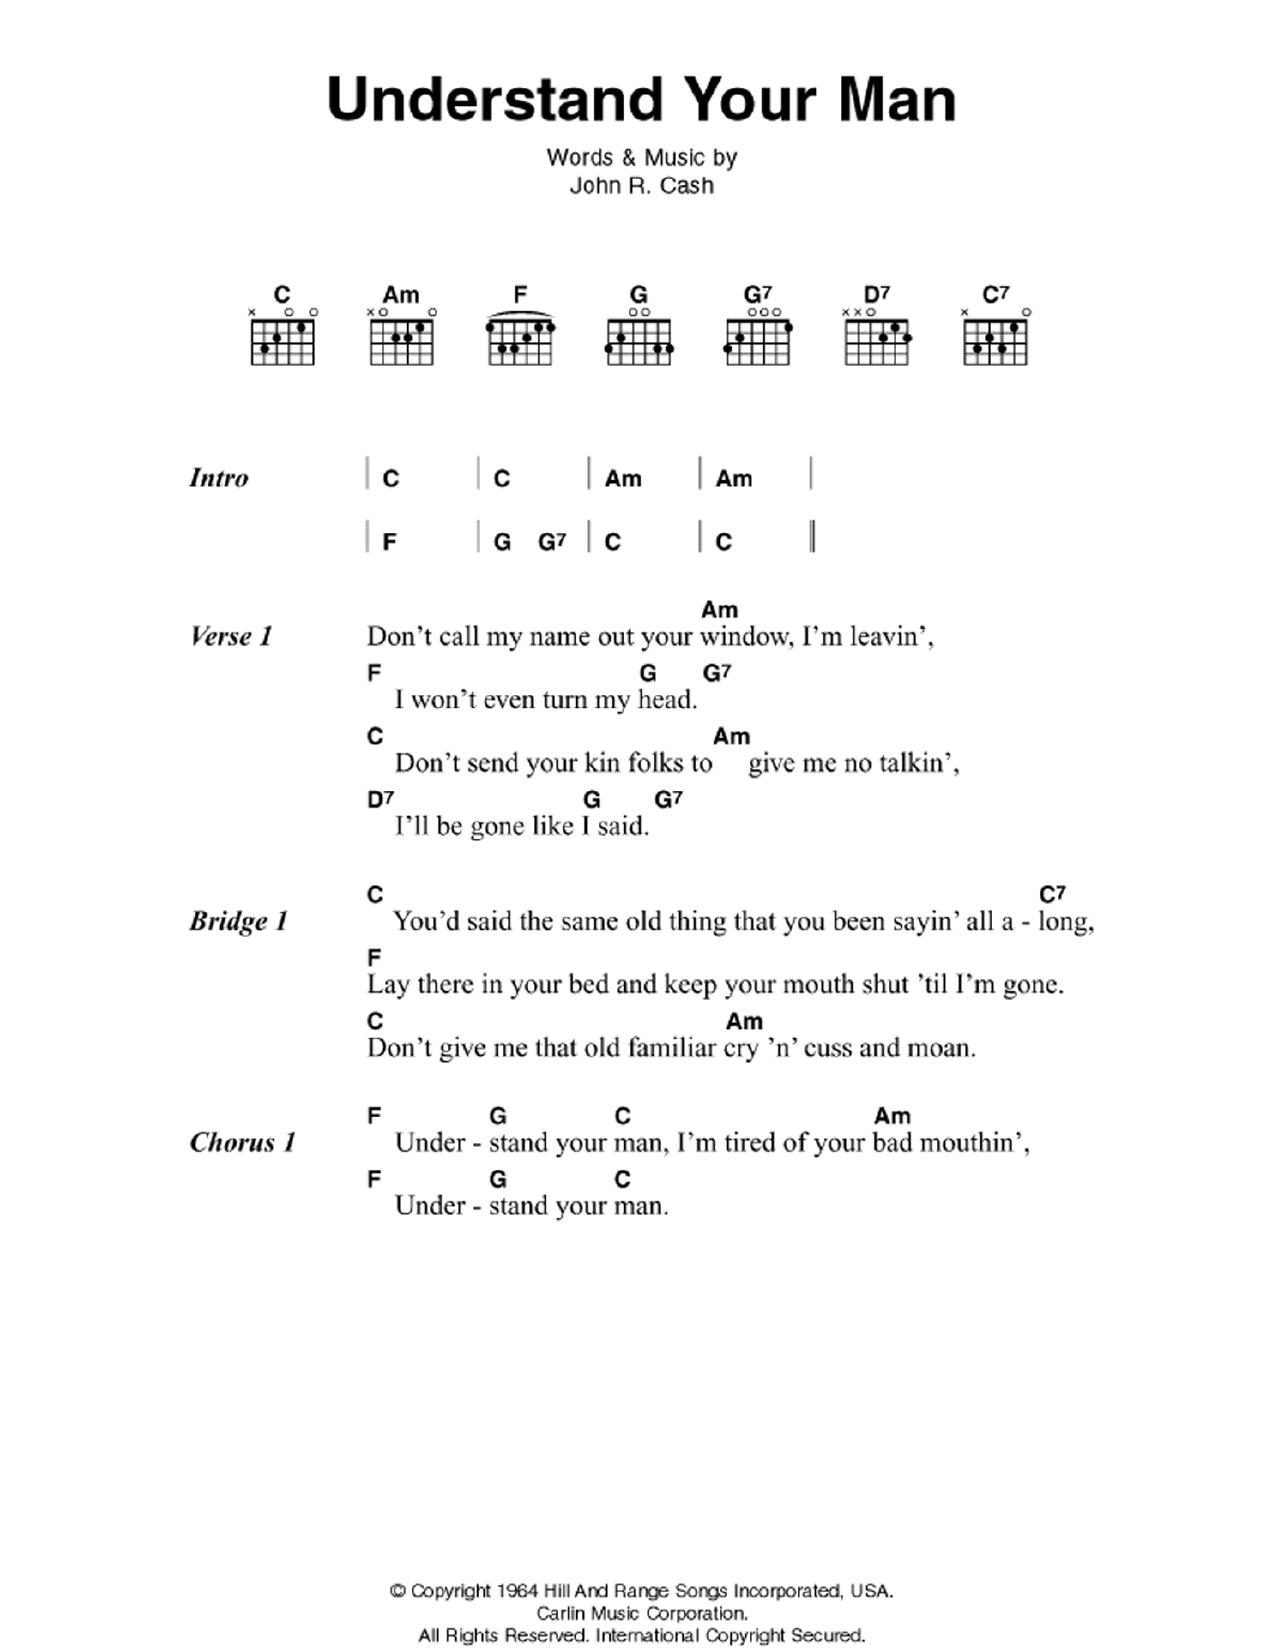 Understand Your Man Sheet Music